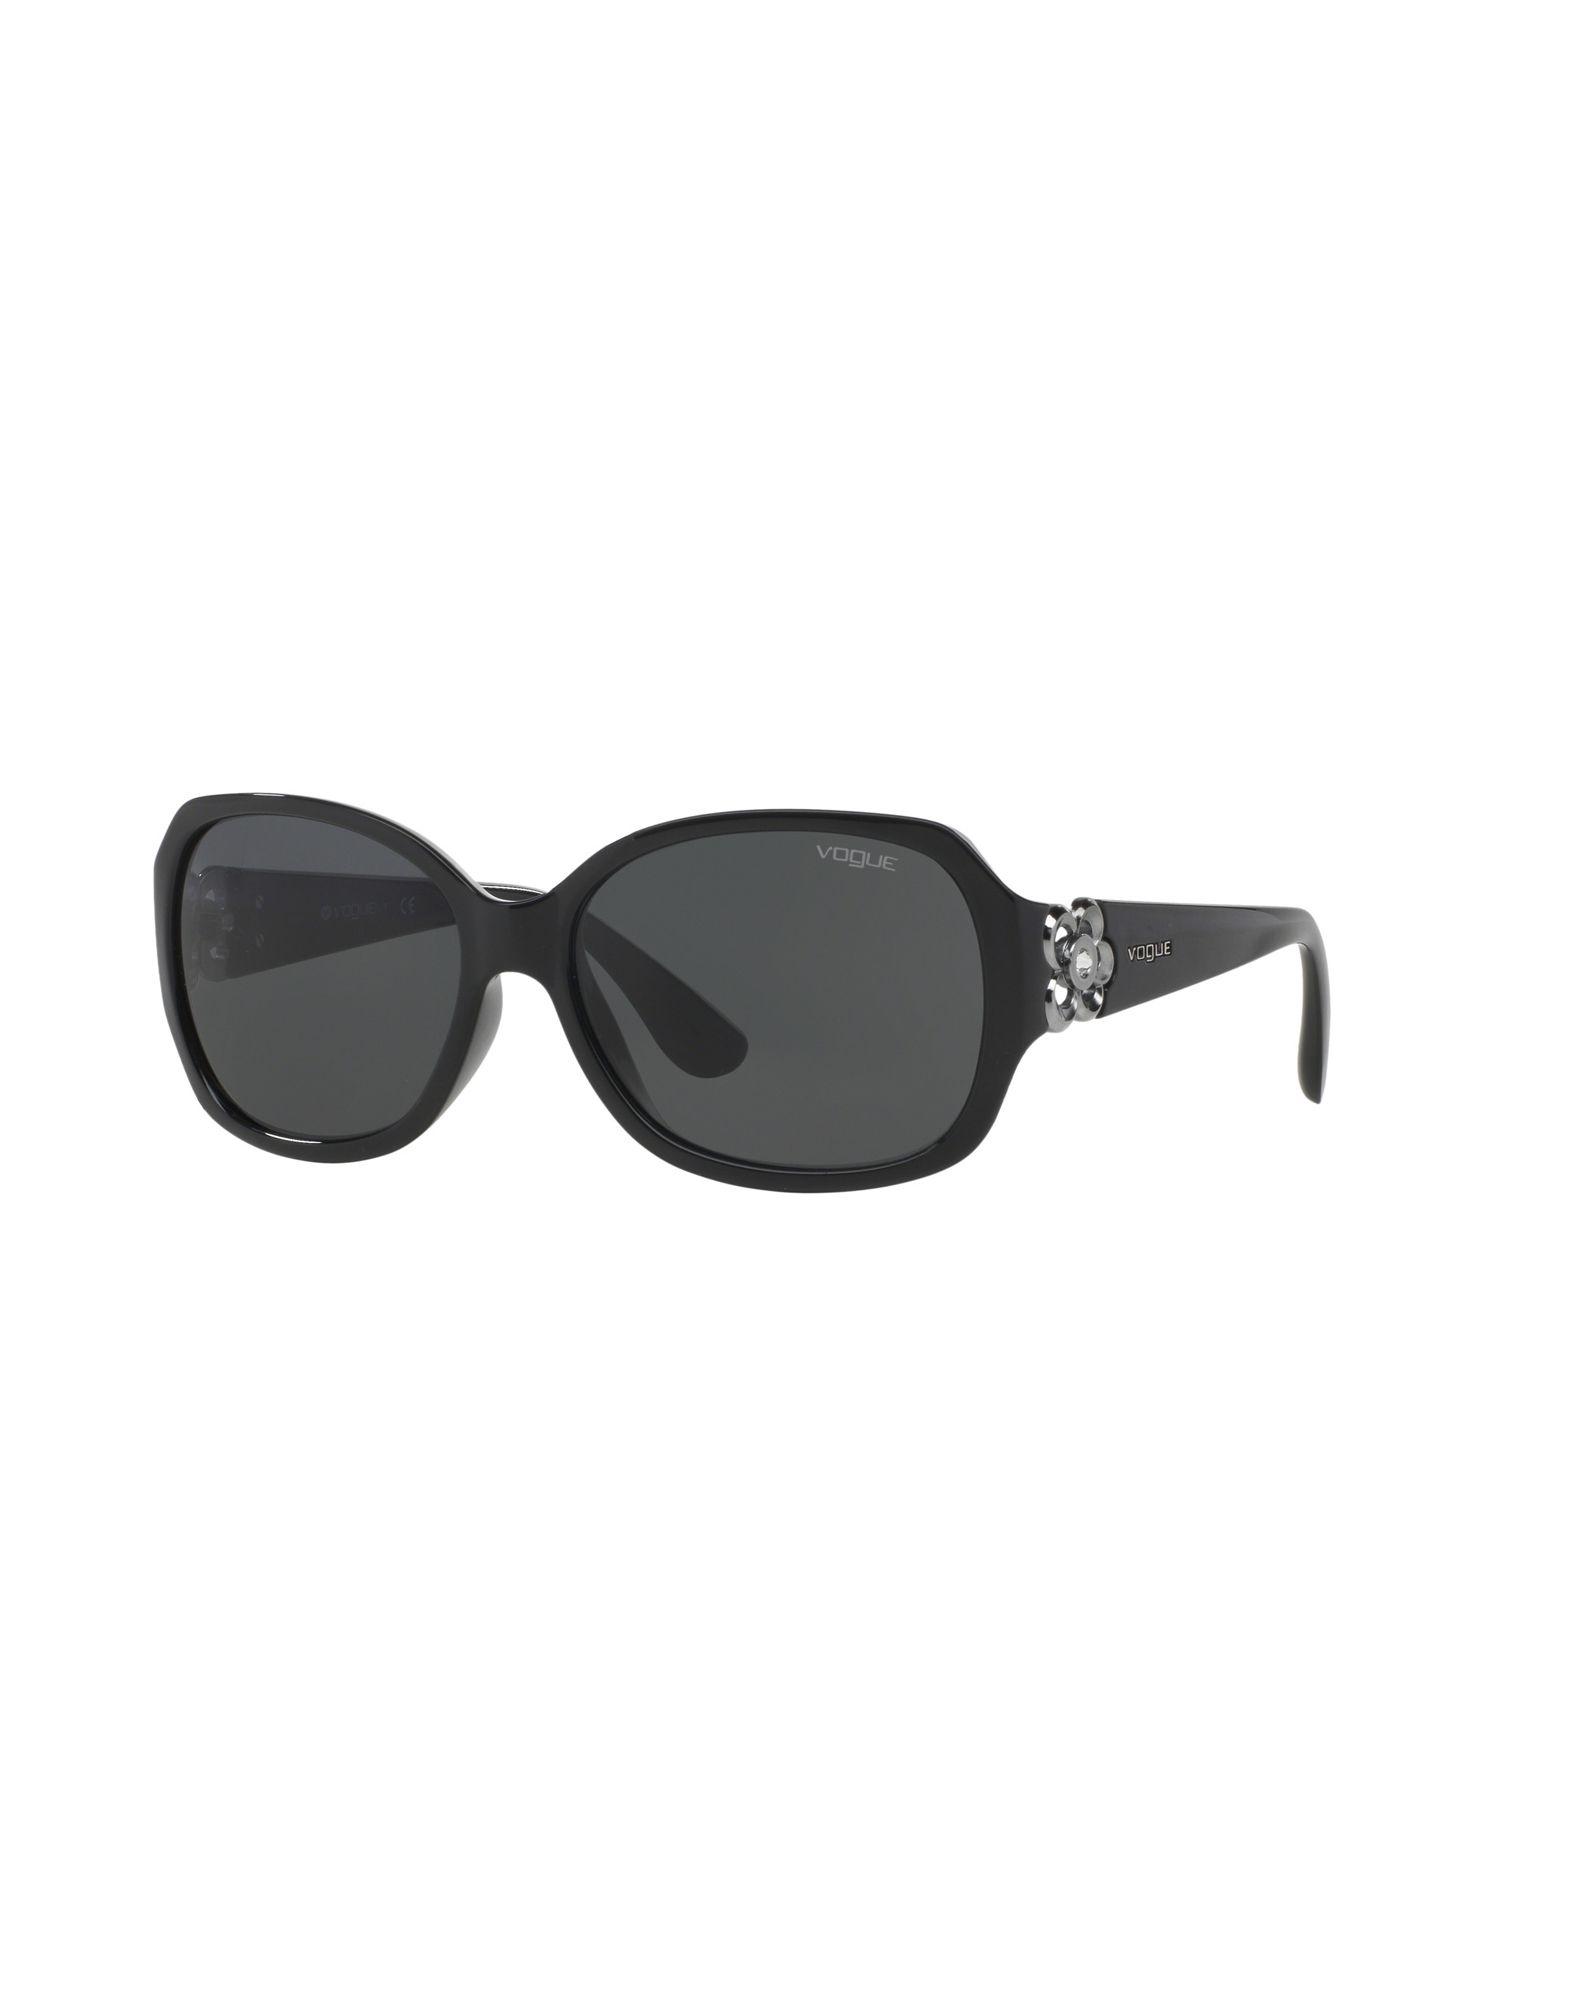 VOGUE Damen Sonnenbrille Farbe Schwarz Größe 1